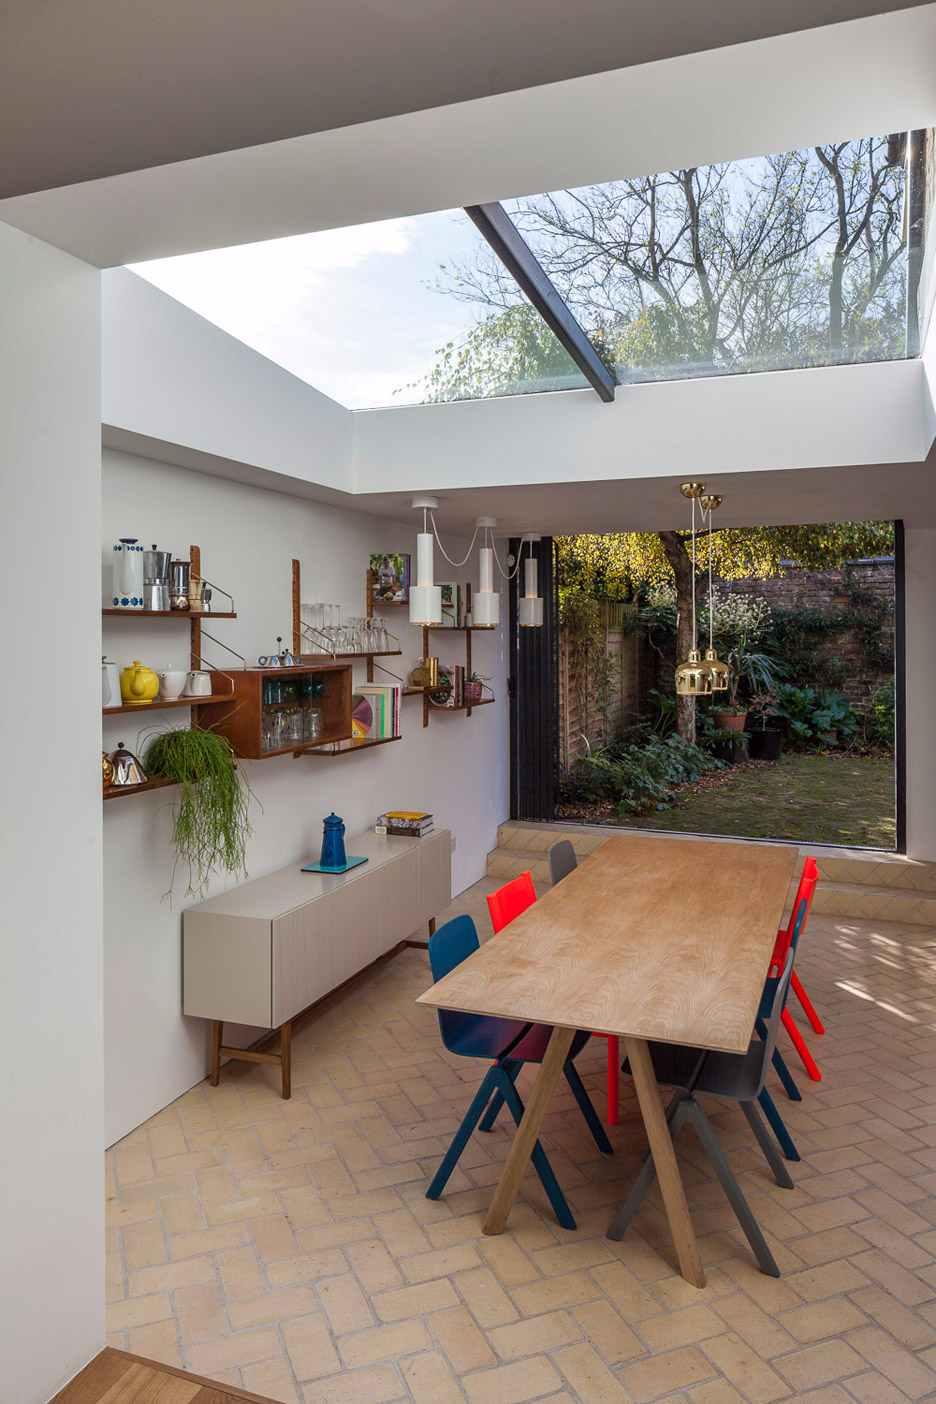 Escolha algum ambiente da casa para aplicar os painéis envidraçados